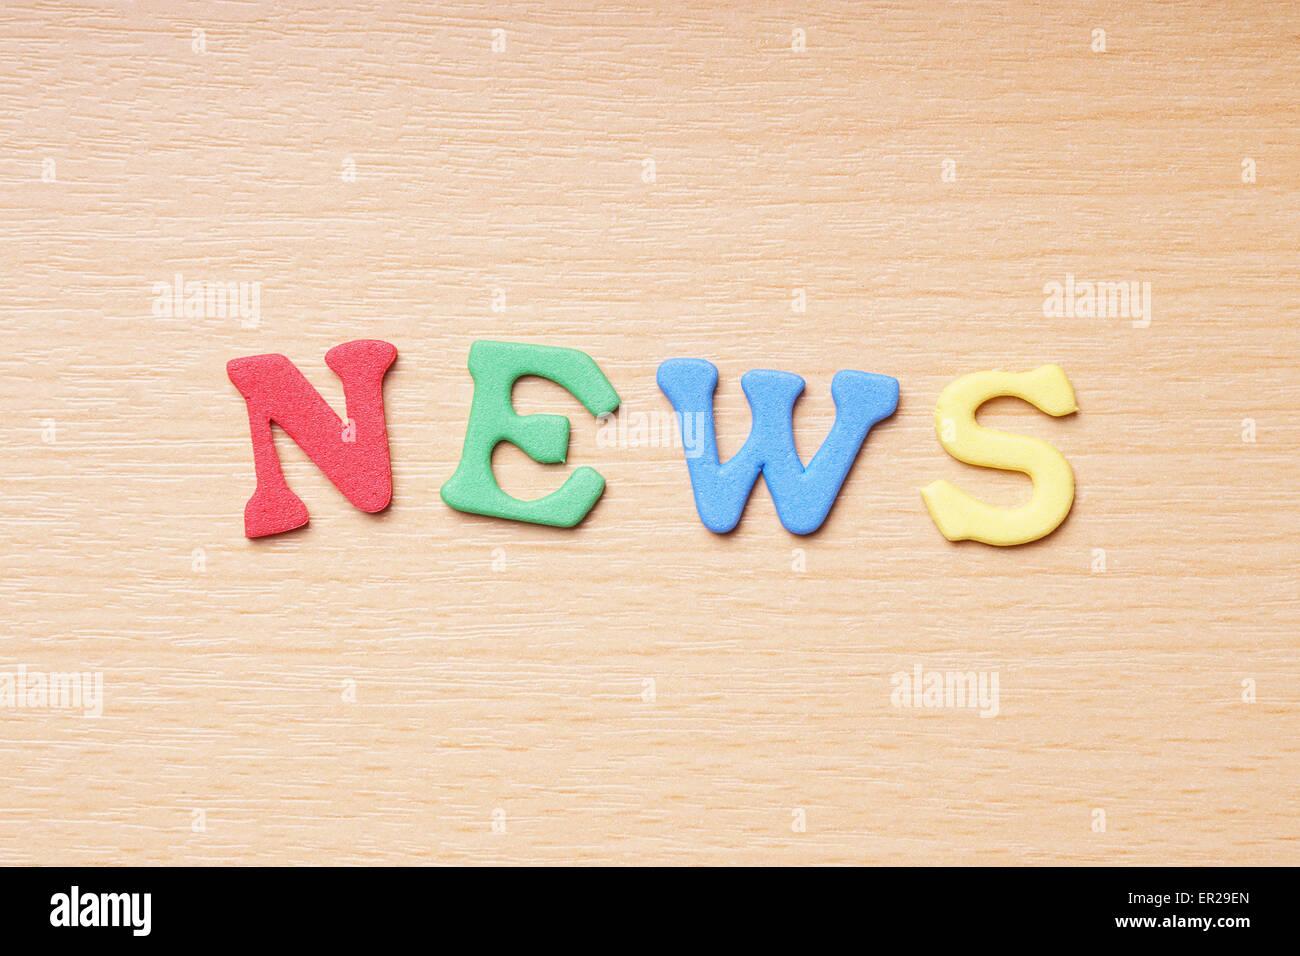 news in foam rubber letters Stock Photo